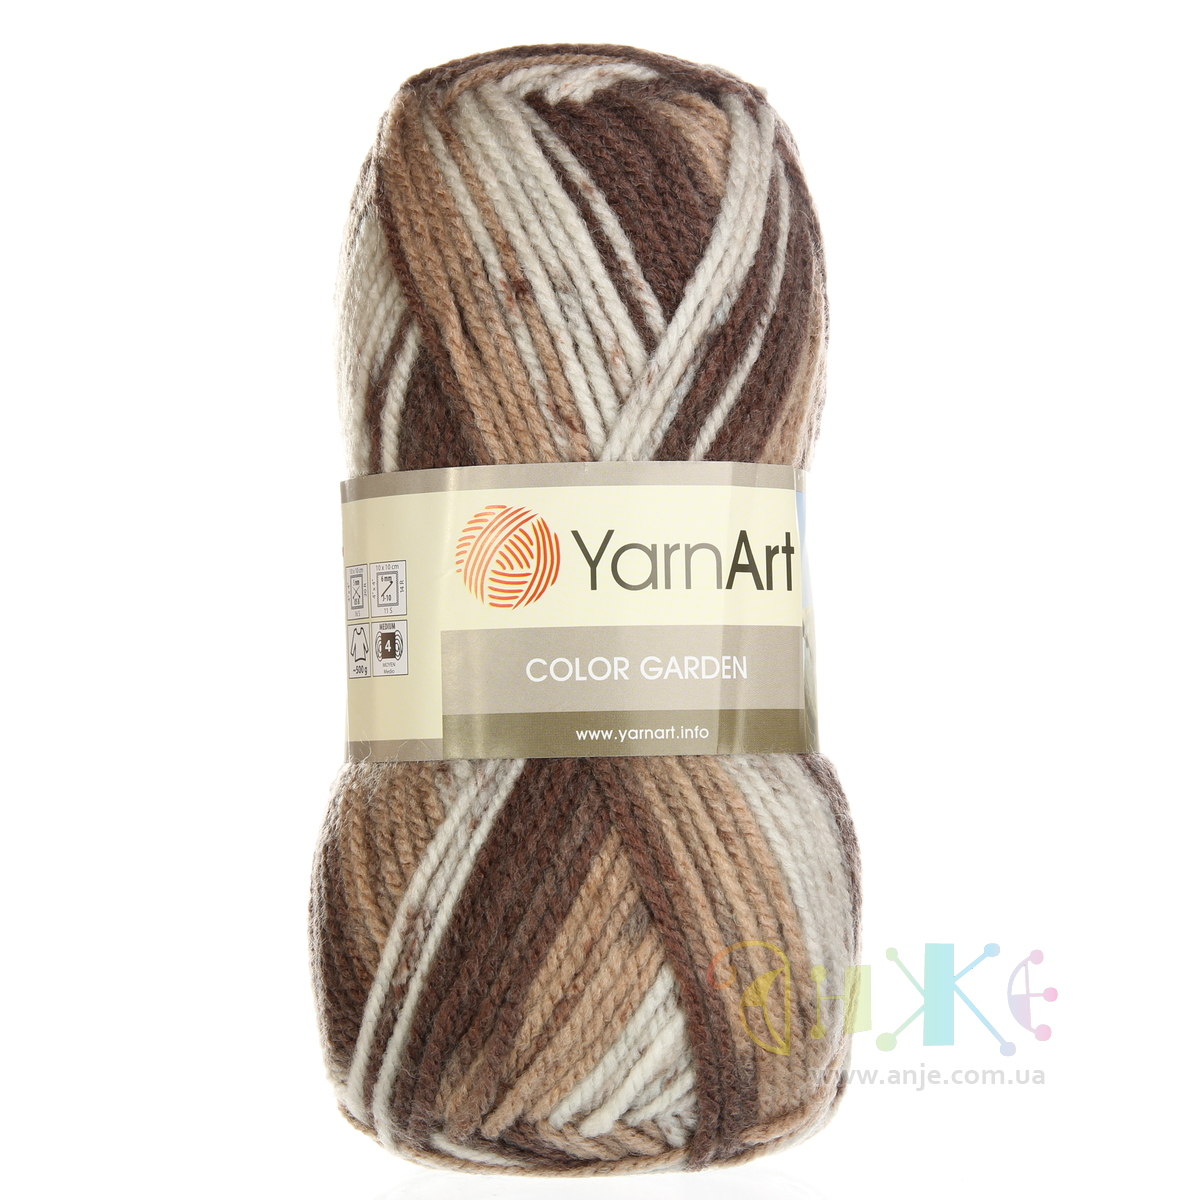 yarn art color garden :  Yarnart Color Garden 45